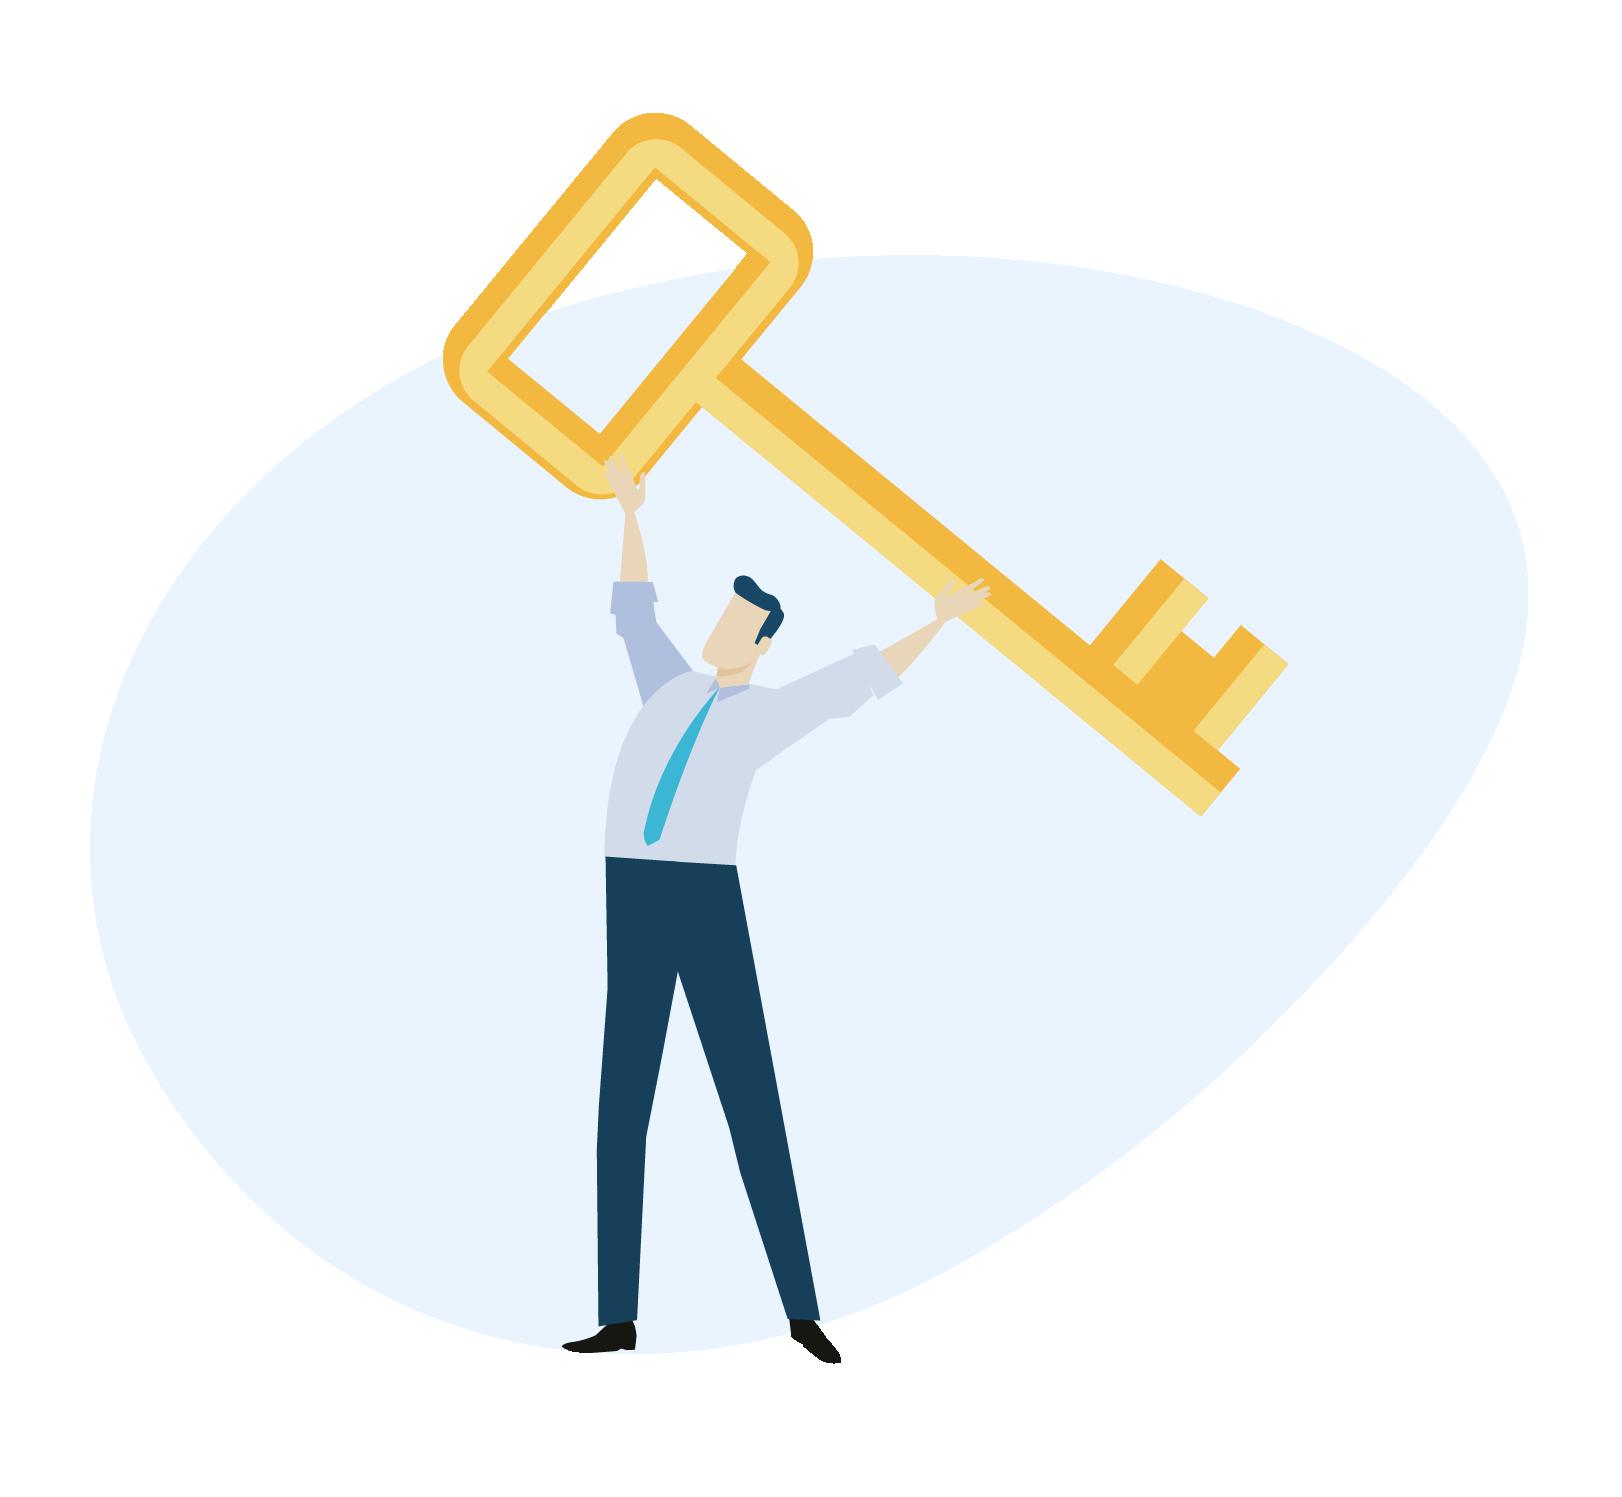 icon liefern | emerkey - Schlüssel lagern, teilen & liefern. Schlüssel-Service | Deine Alternative zum Schlüsseldienst